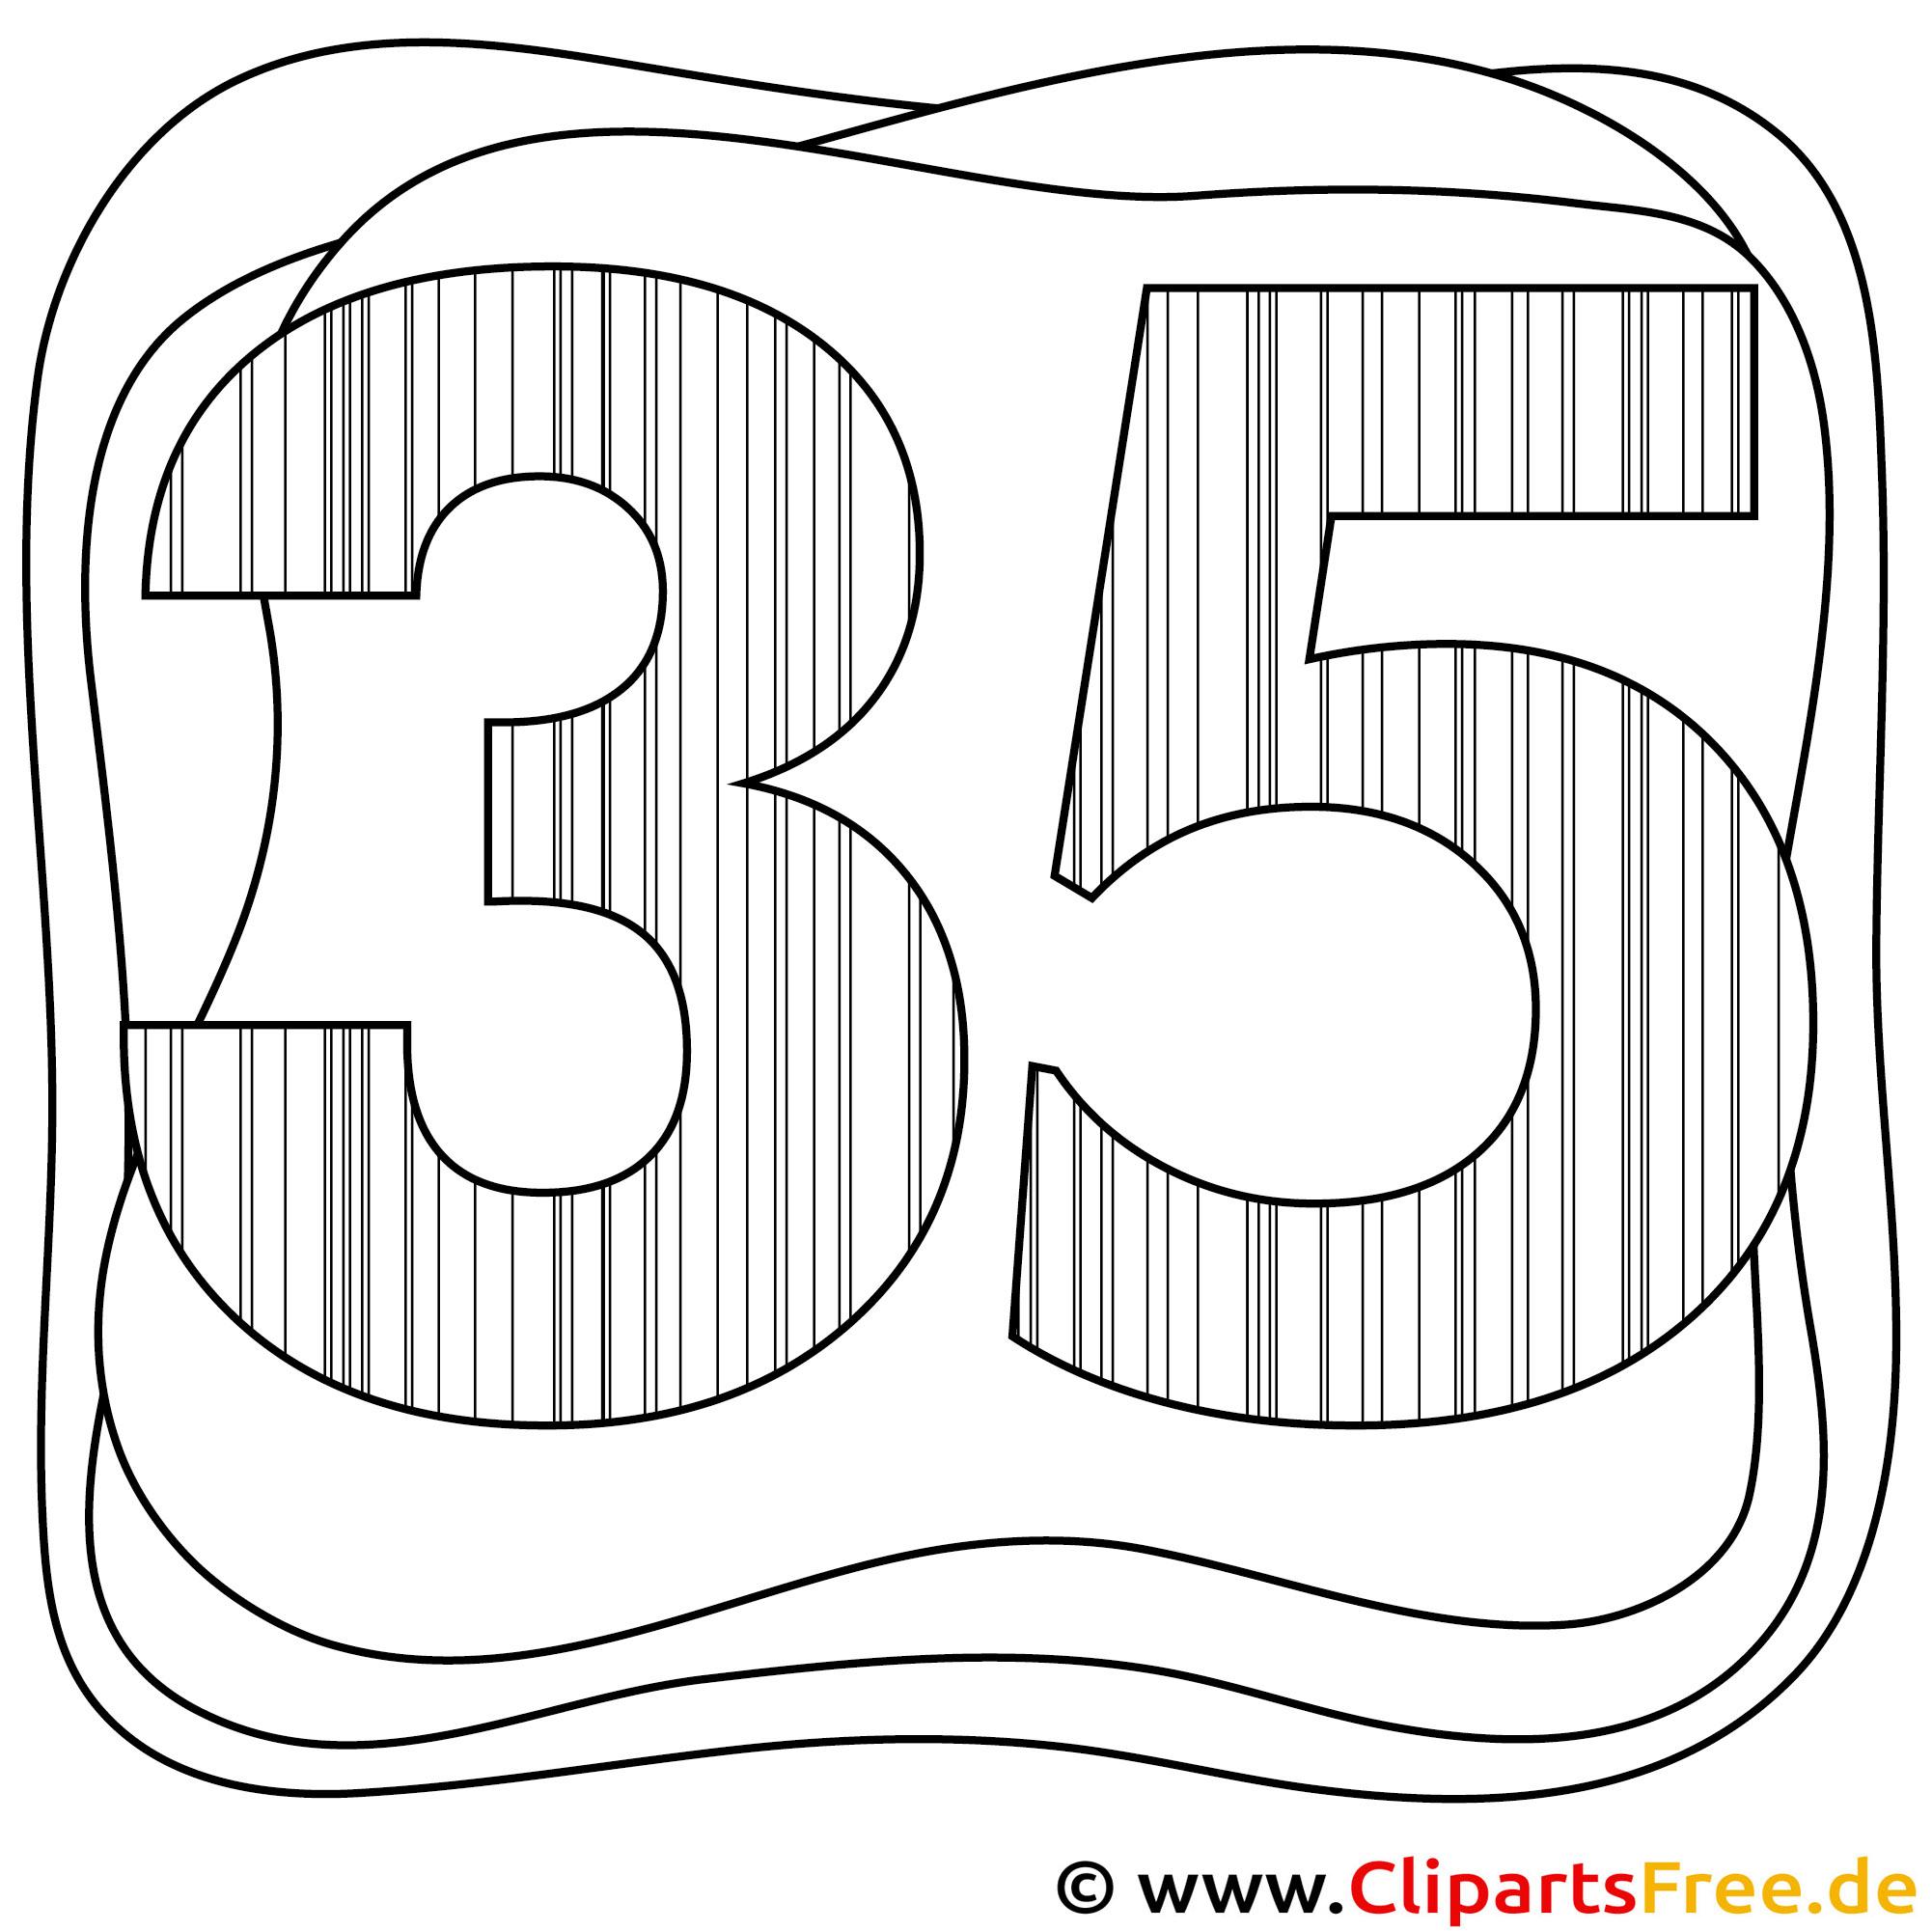 Zahl 35 zum Ausmalen